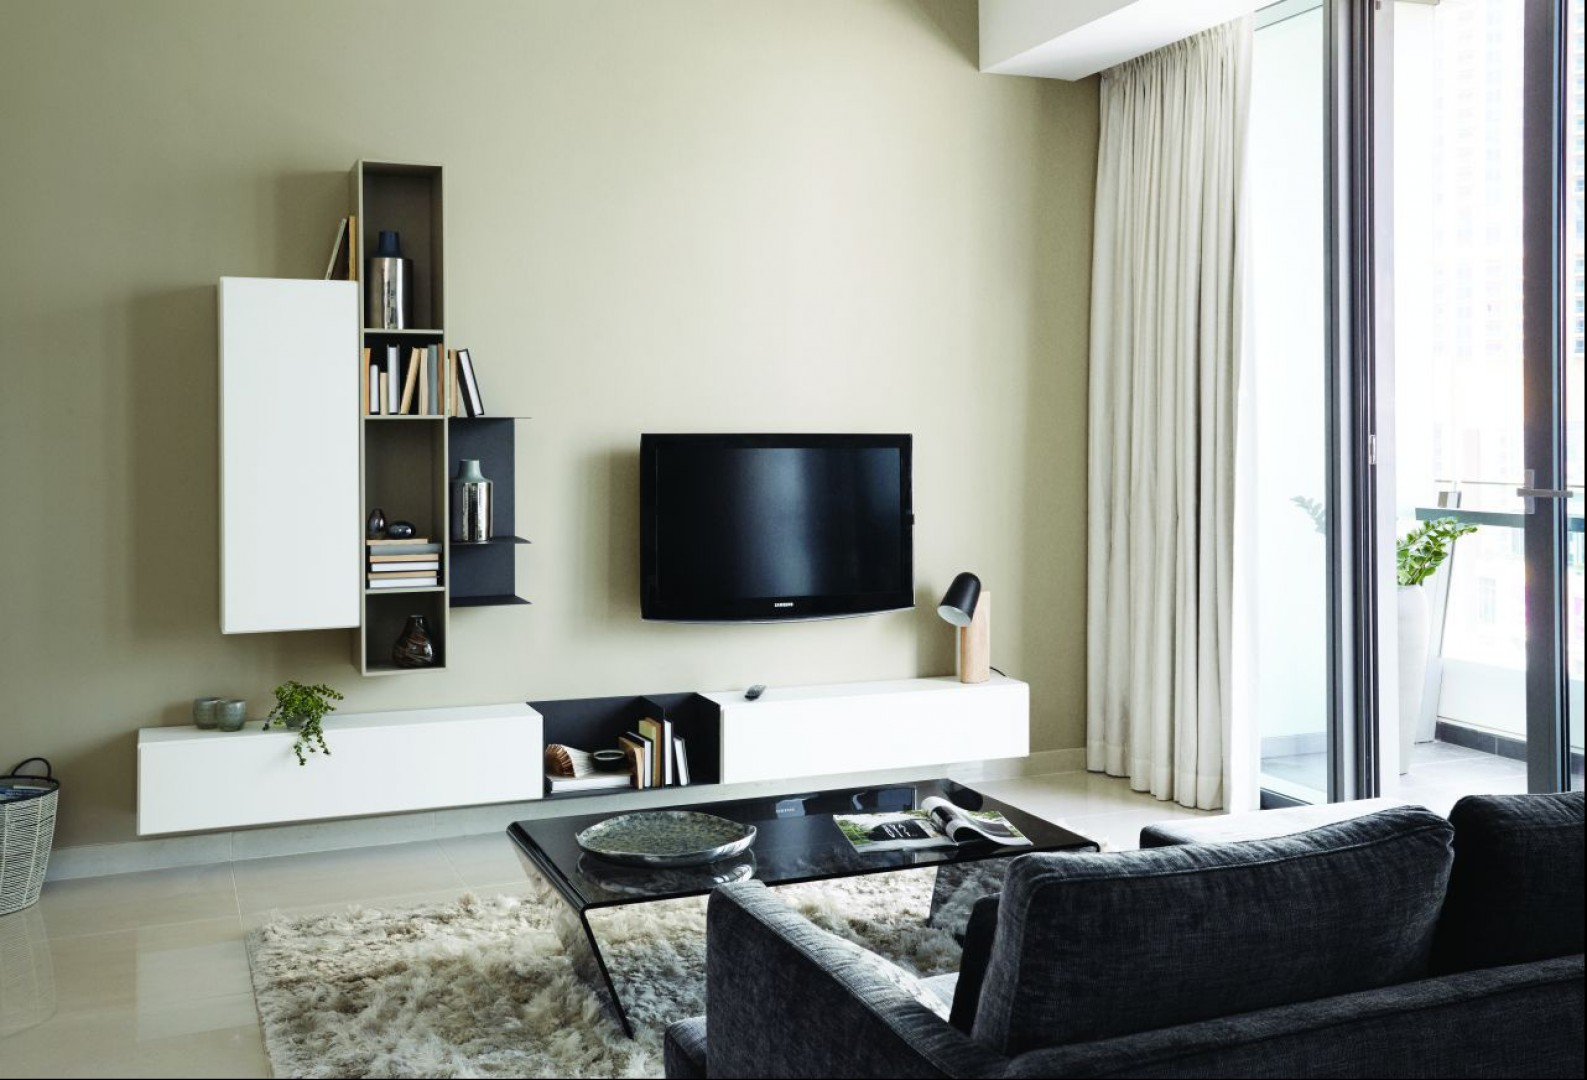 Biała, minimalistyczna meblościanka doskonale harmonizuje z szarą sofą i stolikiem z czarnego szkła. Fot. BoConcept